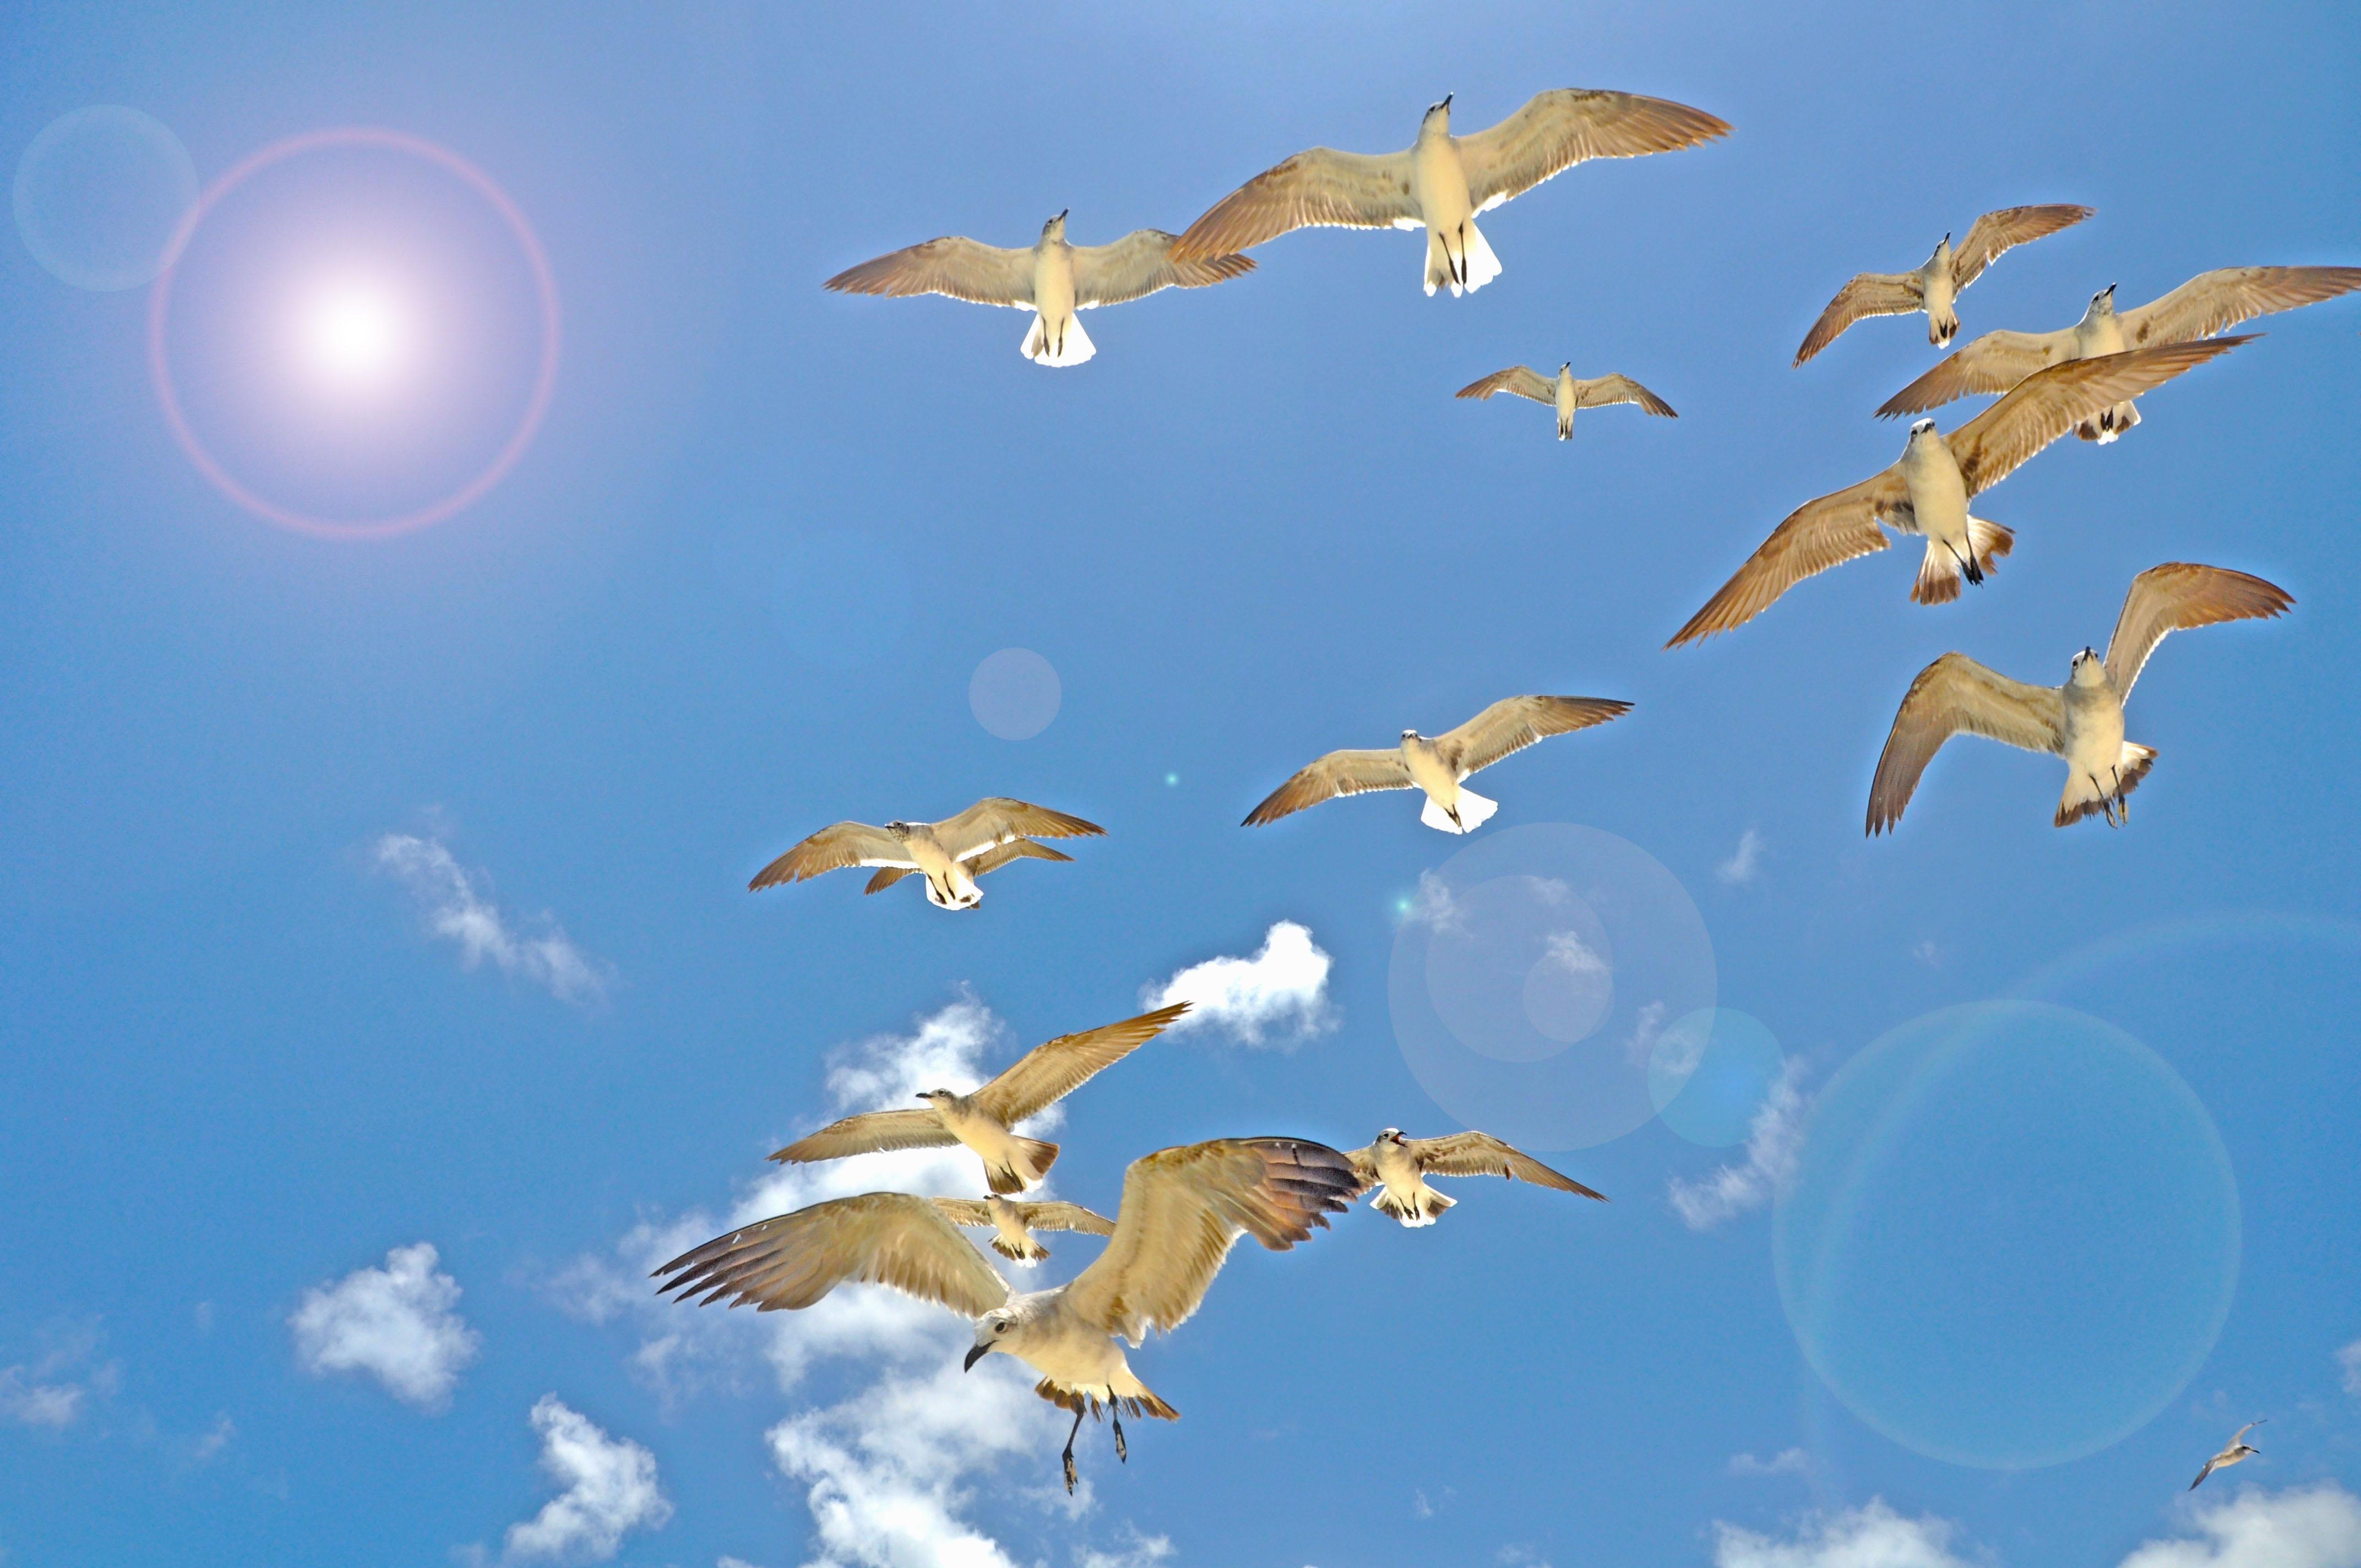 картинки летать в небе как птицы отобрали самые